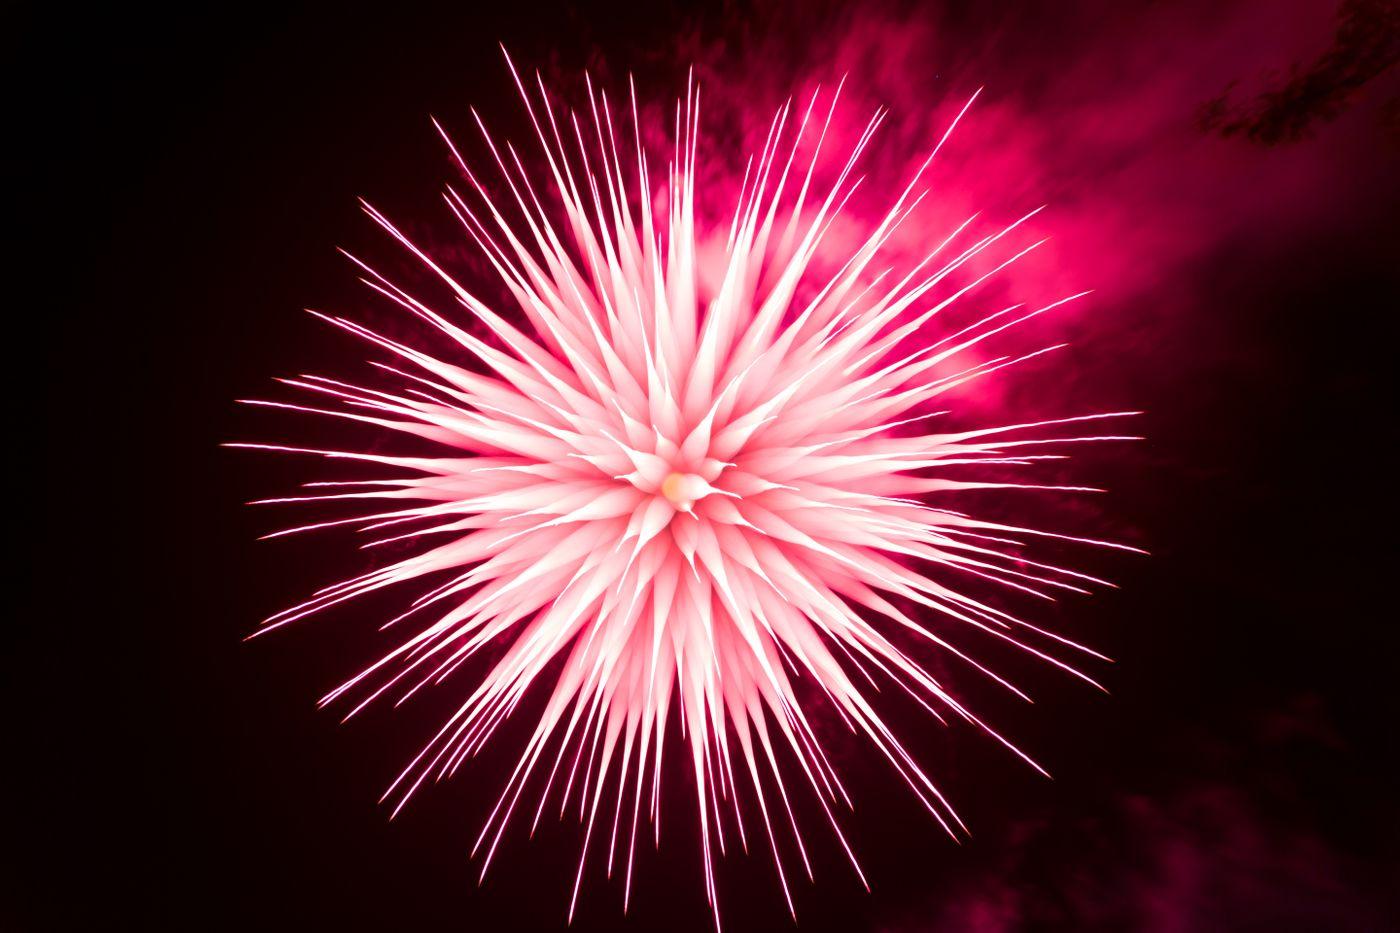 ピントリングを回して撮影したイソギンチャク花火の写真